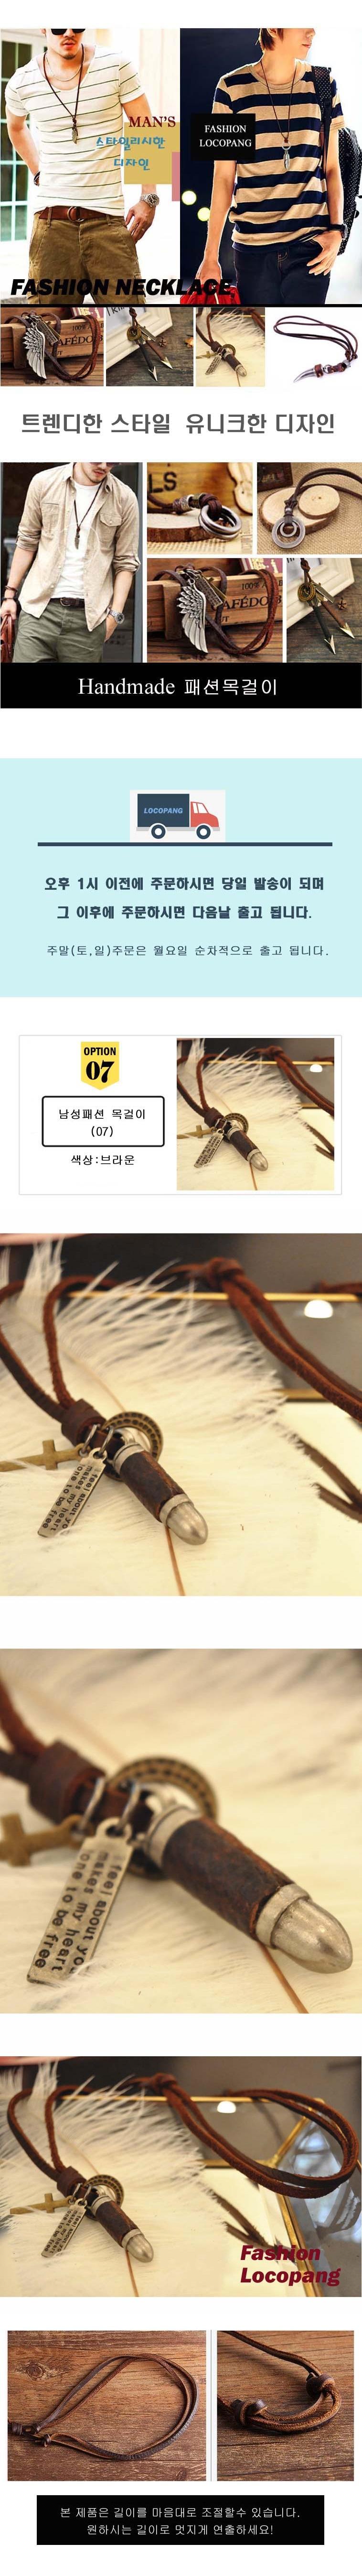 남성패션 목걸이 (7) - 로꼬팡, 8,900원, 패션, 패션목걸이